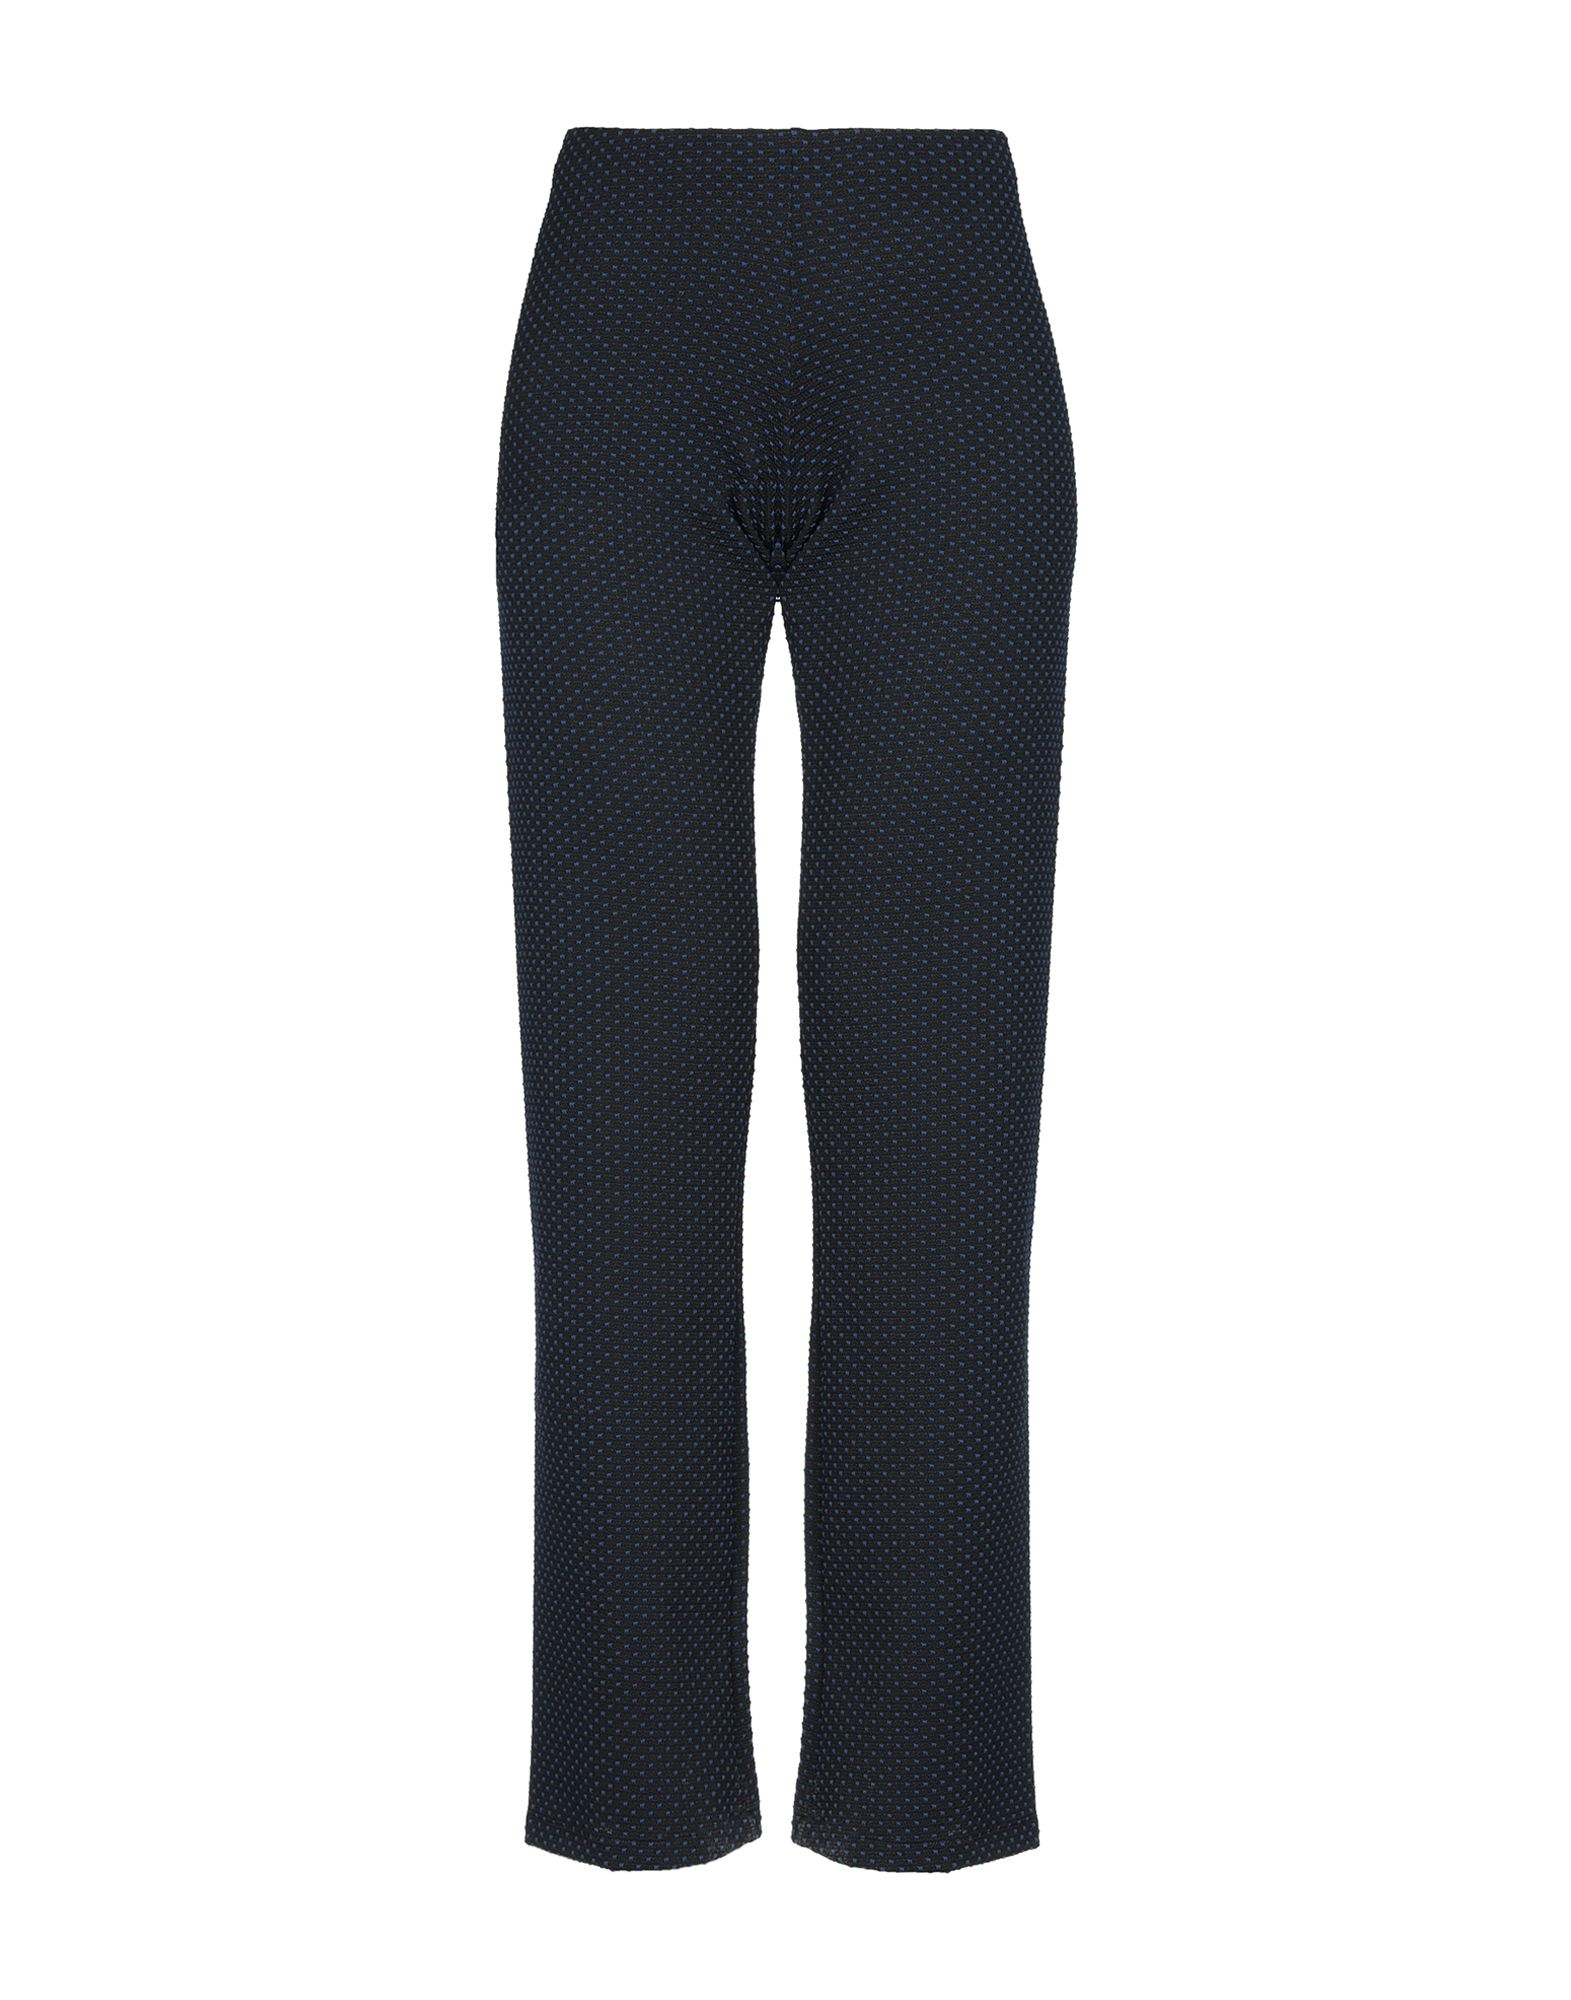 PIERRE MANTOUX | PIERRE MANTOUX Casual pants 13212178 | Goxip